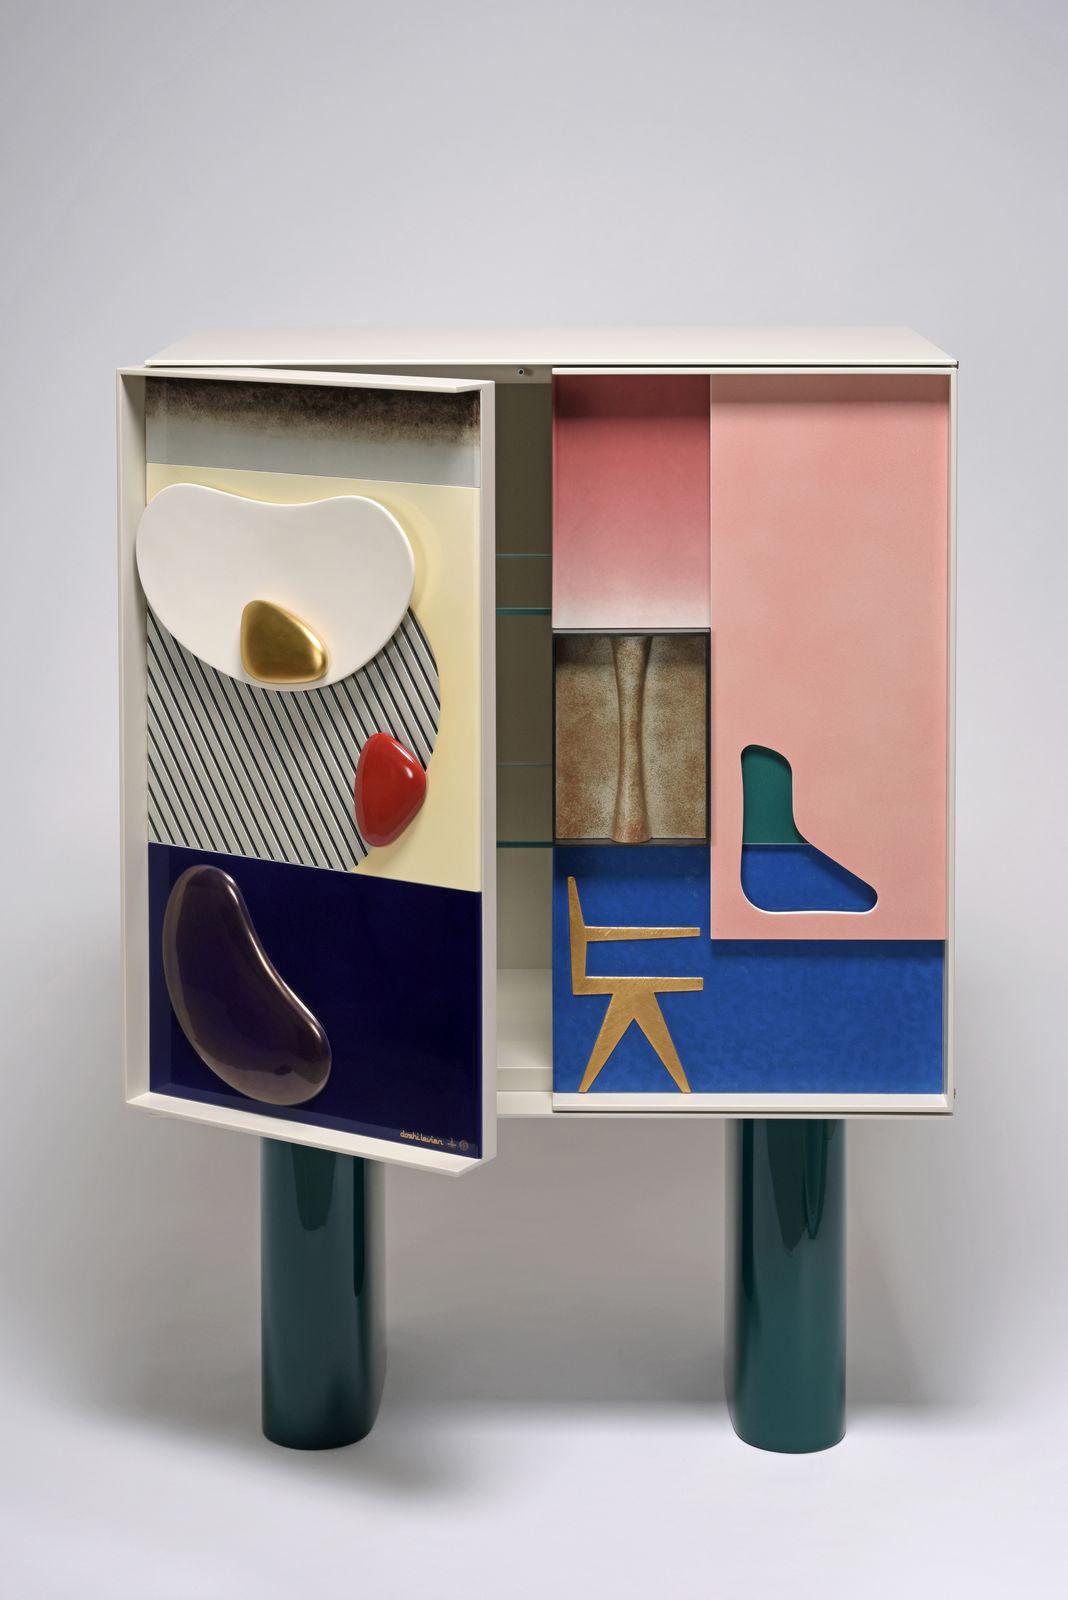 Doshi Levien (Nipa Doshi née en 1971, Jonathan Levien né en 1972), cabinet, 2017, porcelain, wood and glass, Manufacture Nationale de Sèvr